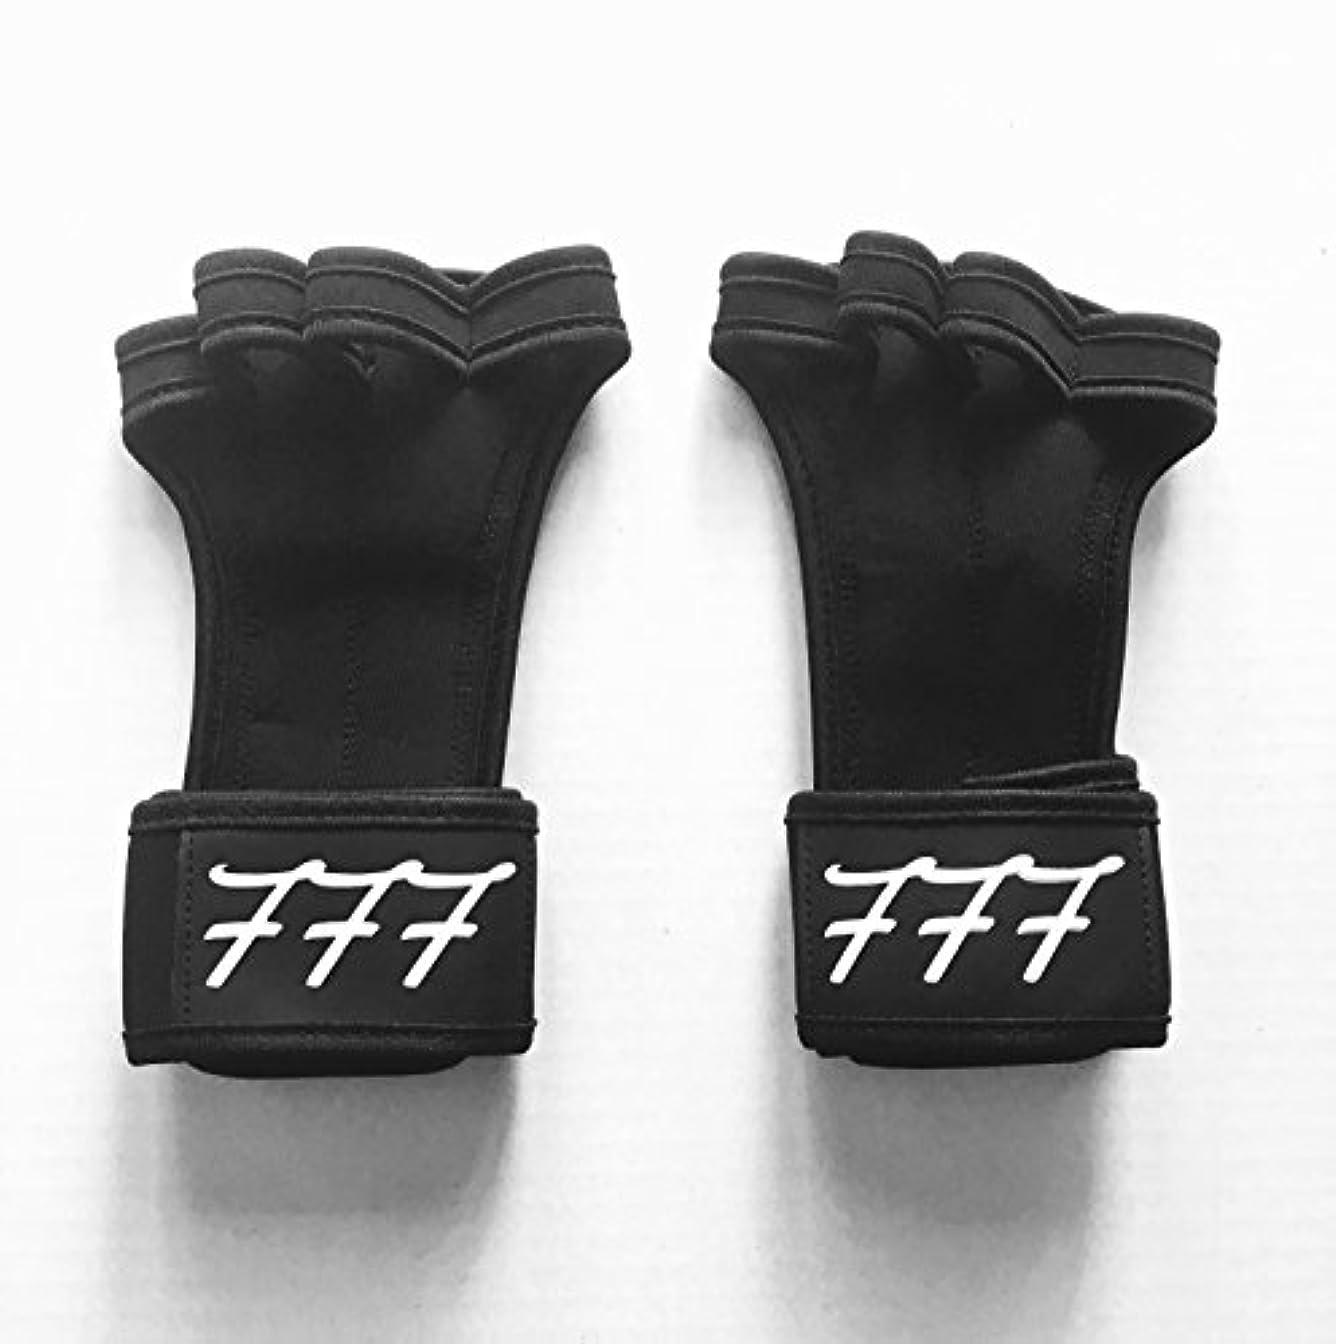 ピンポイント消毒剤グロー777ワークアウト用手袋Weighlifting、抱く、クロスフィット、HIITトレーニング、 – ボーナスeBook – シリコンパディングを防ぐために裂ける – anti-stink – 手首サポート